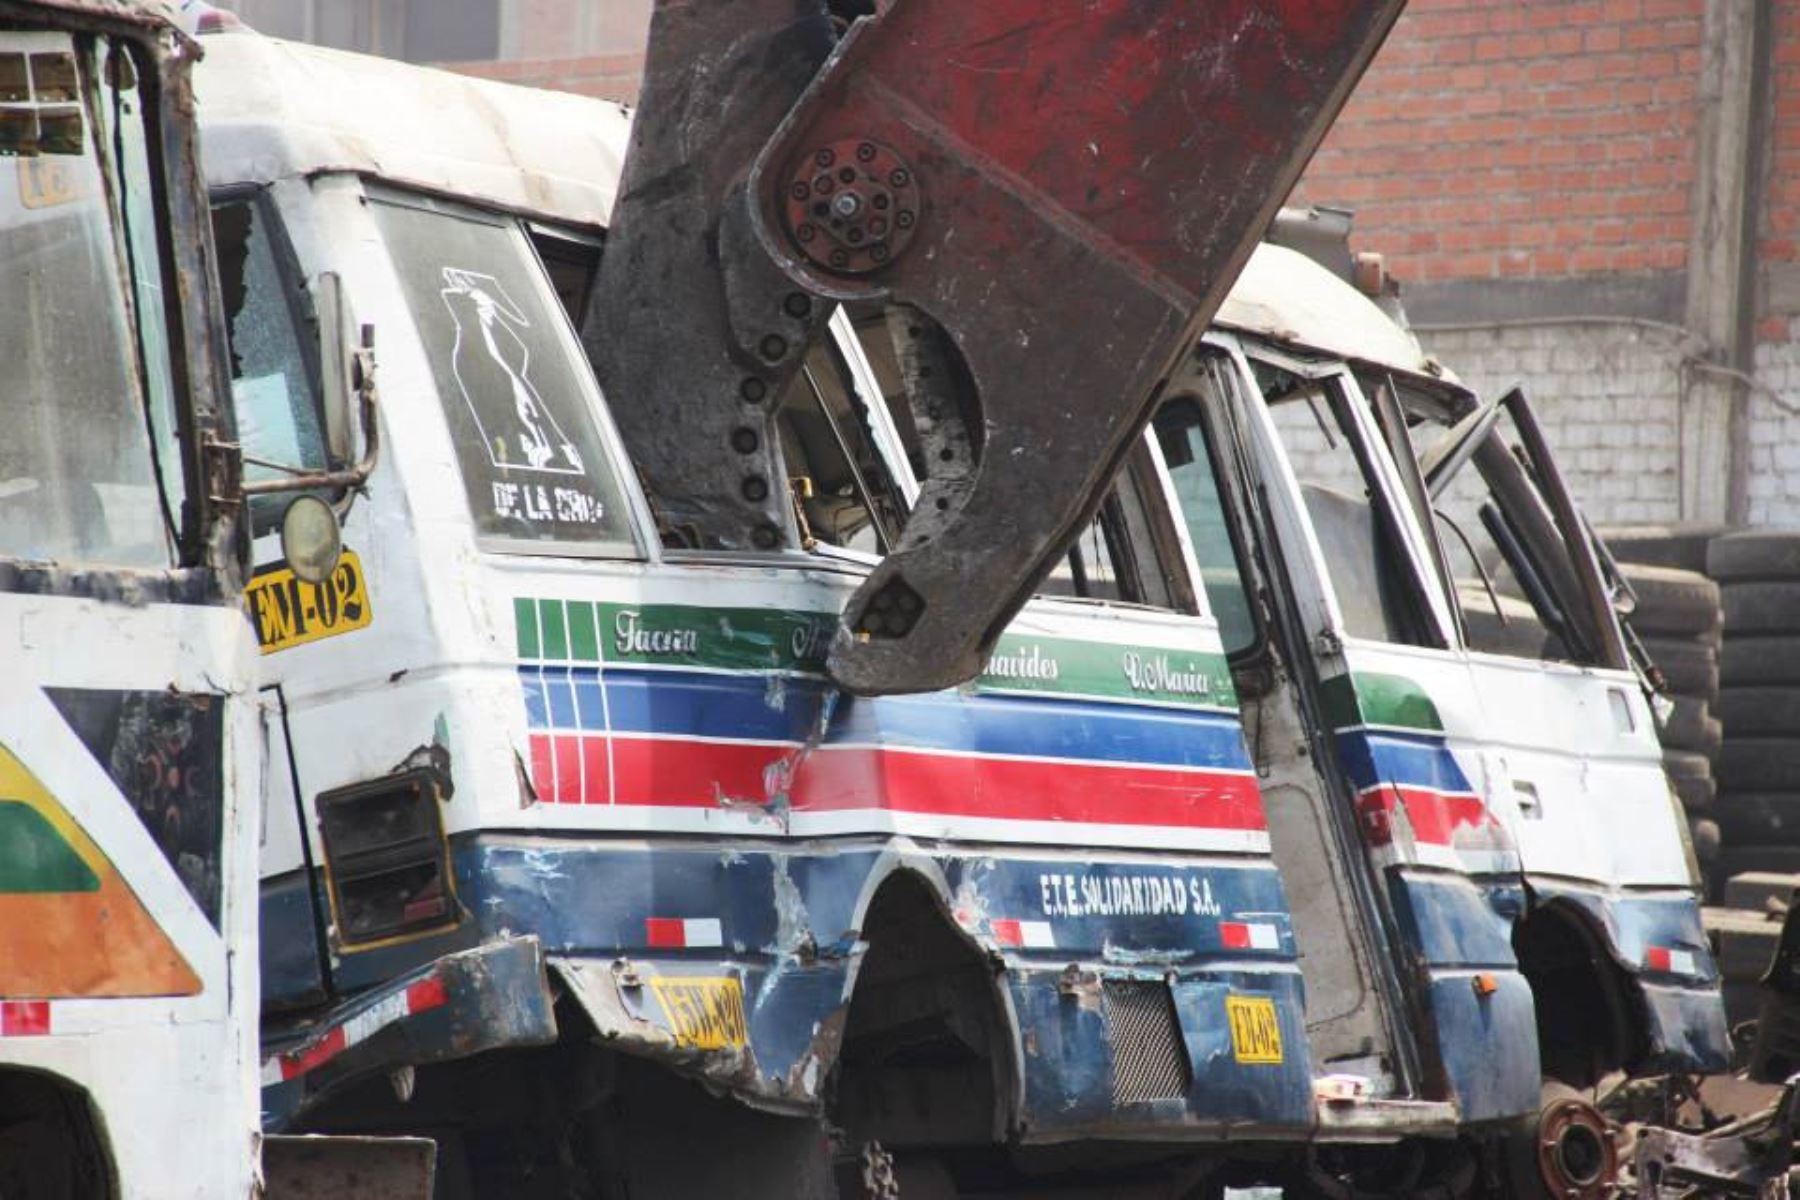 Es urgente acabar con los vehículos infractores que permanecen por años en los depósitos, con multas impagables, señaló representante de ATU. Foto: ANDINA/Difusión